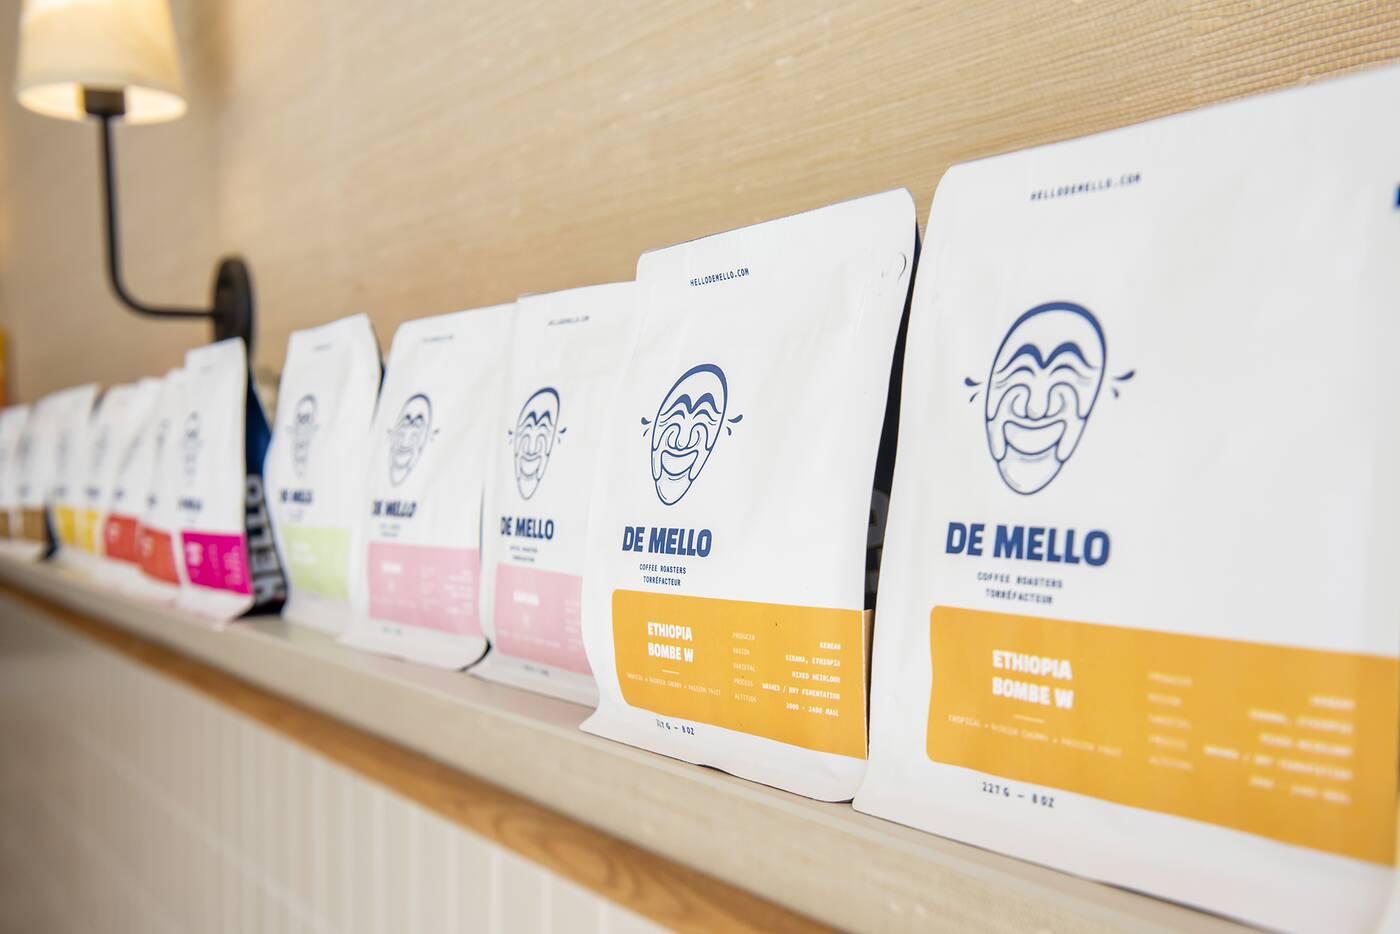 de mello coffee